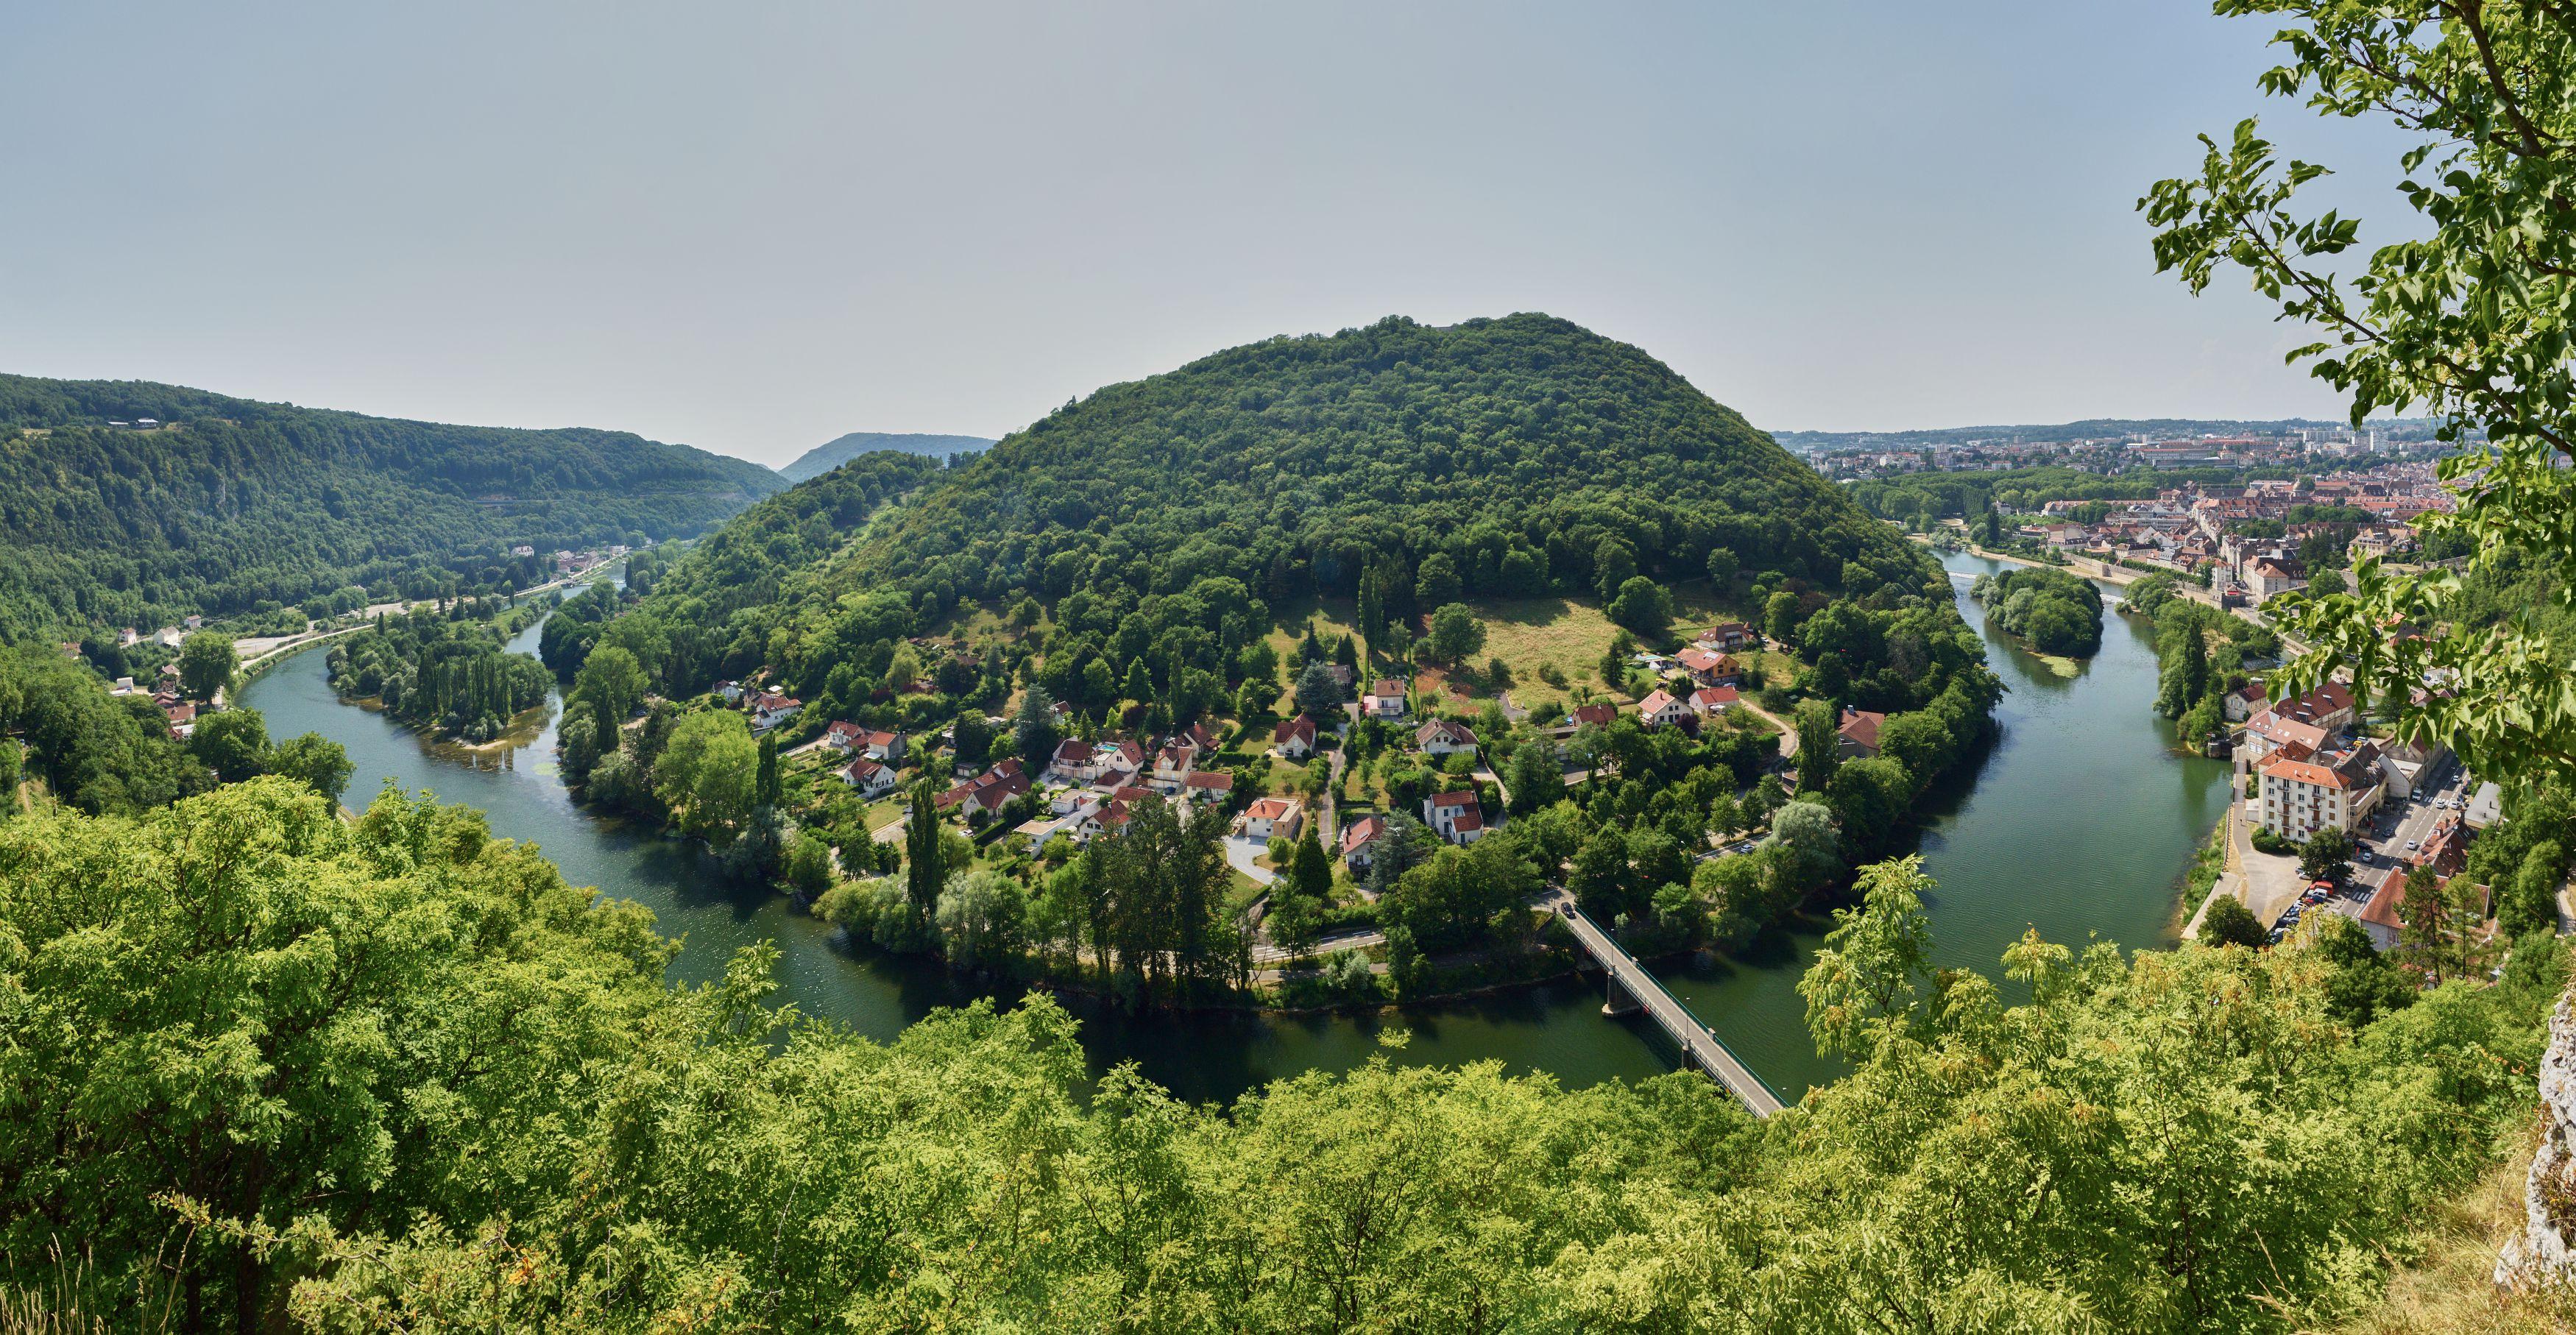 Boucle du Doubs à l'aval de Besançon